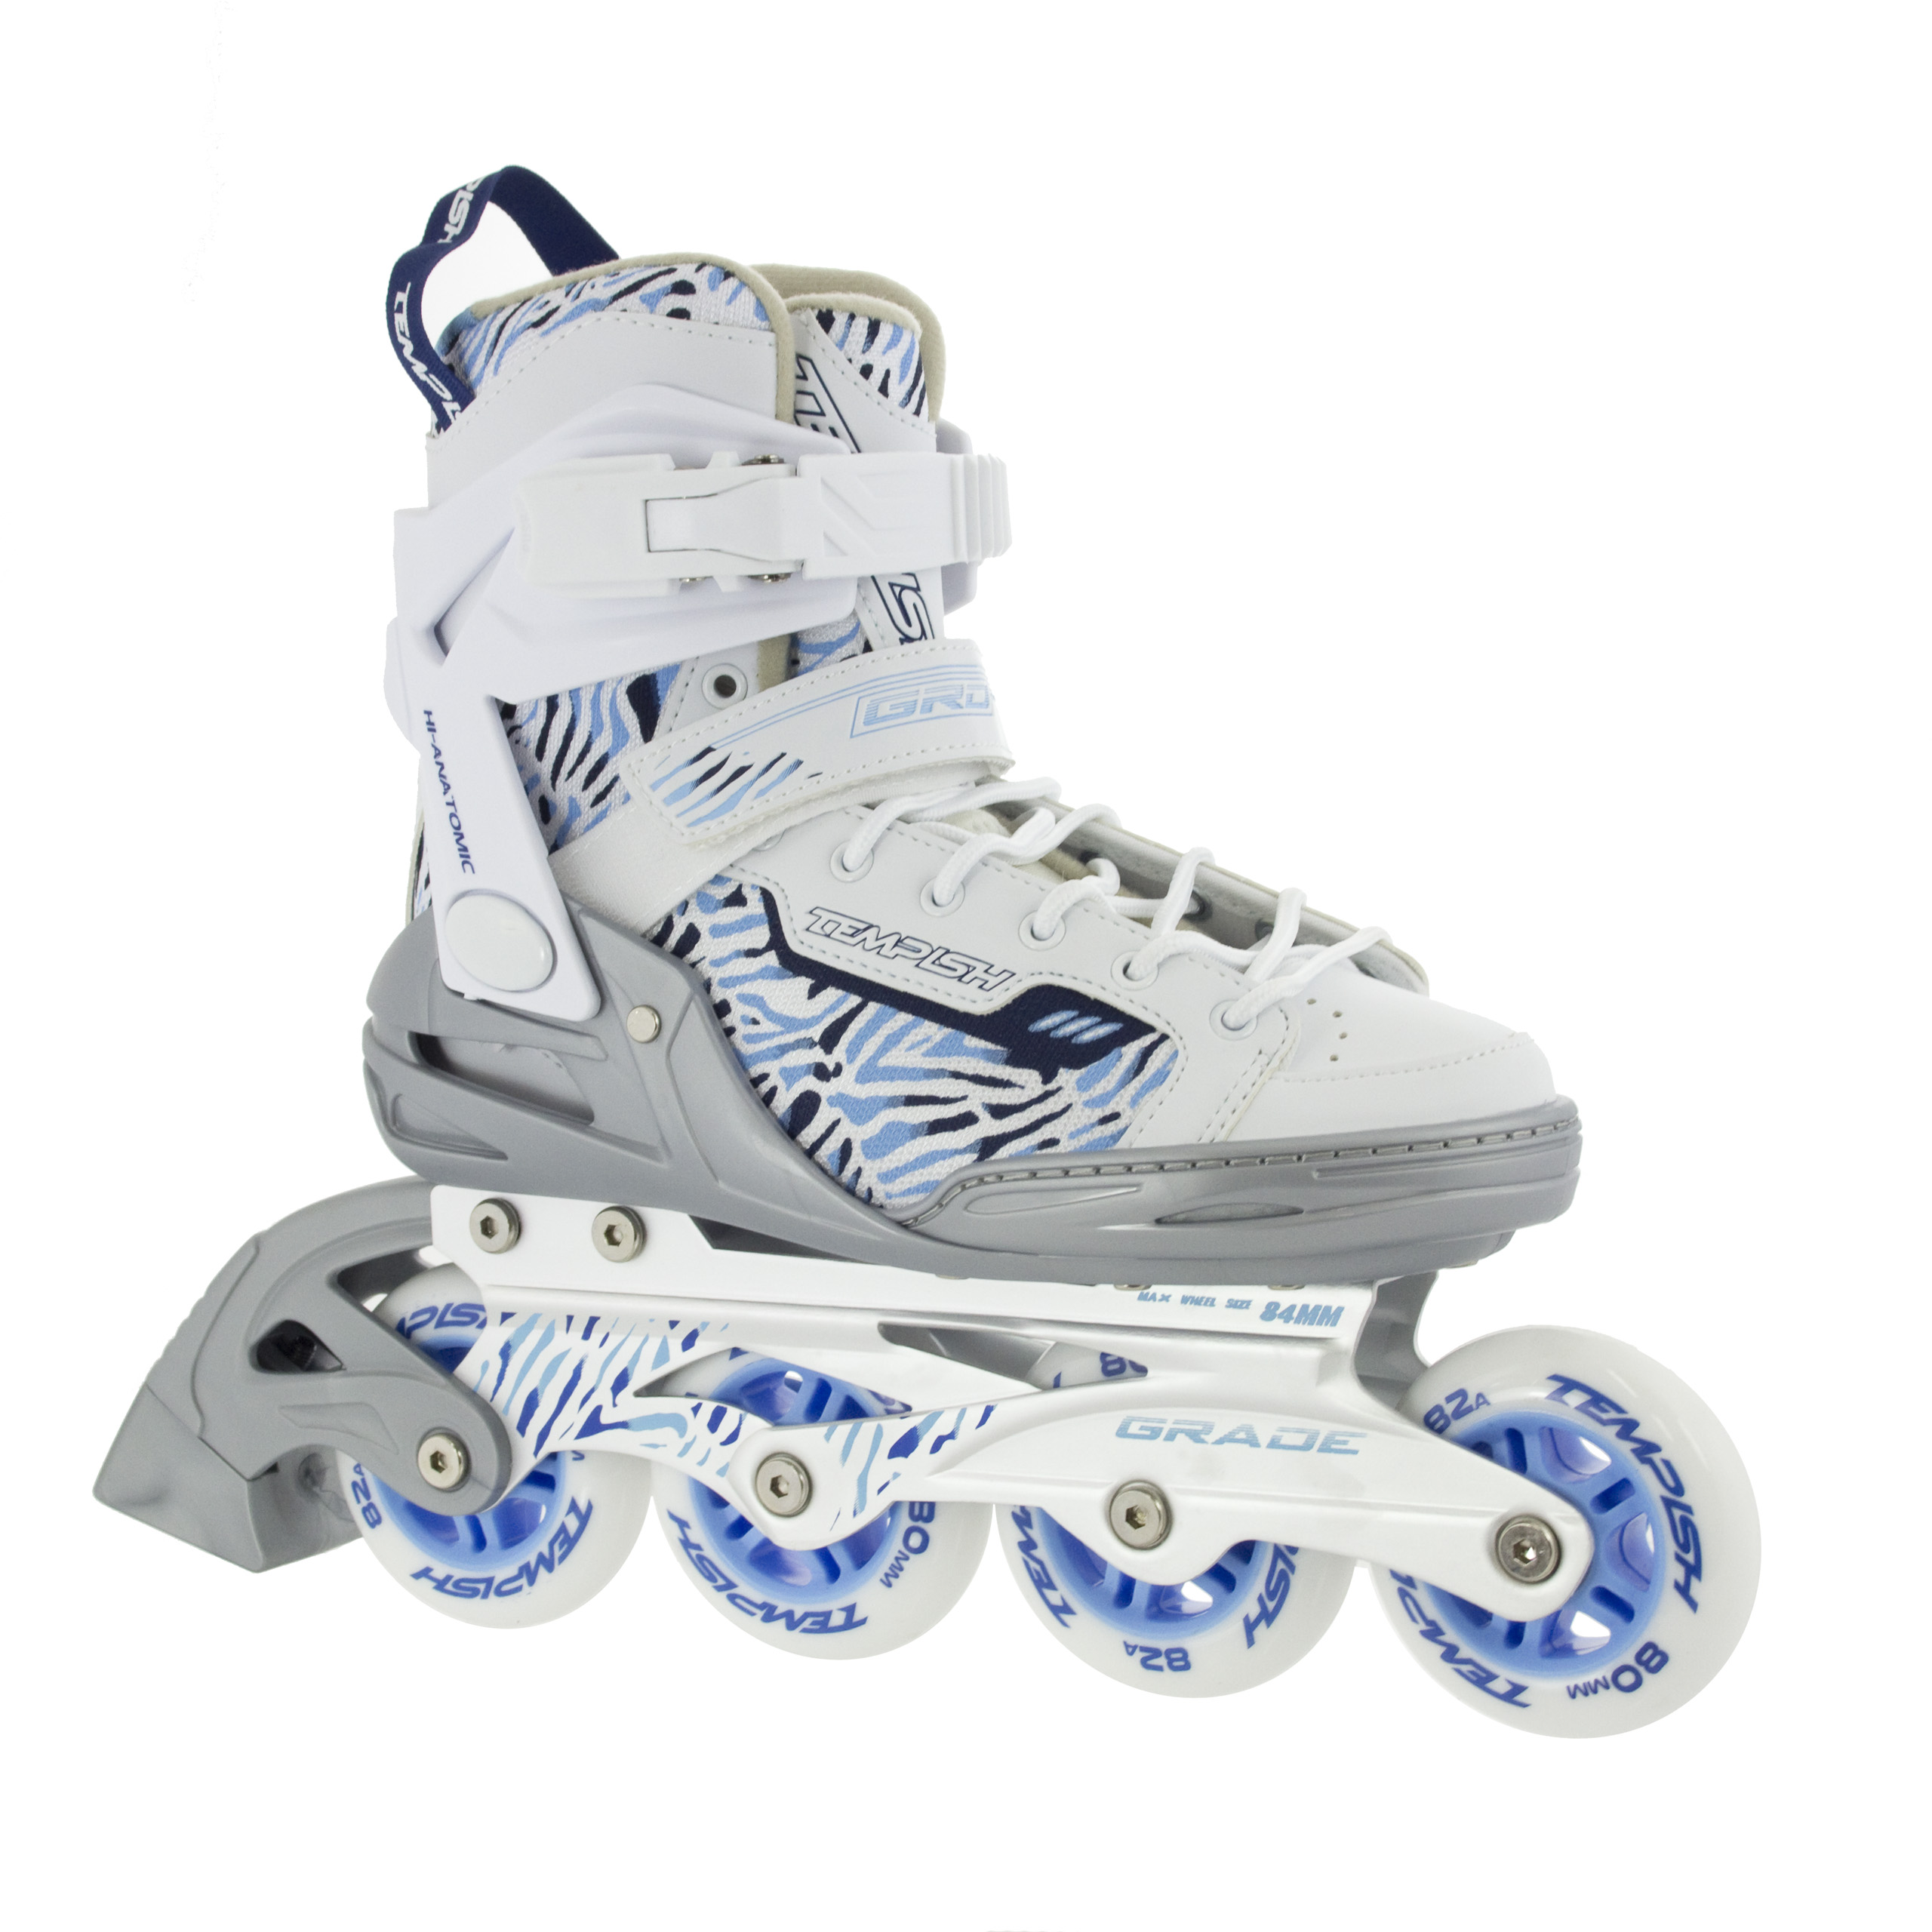 3d1c30991 rolki fitness damskie slalom blackwheels w Oficjalnym Archiwum Allegro -  Strona 9 - archiwum ofert